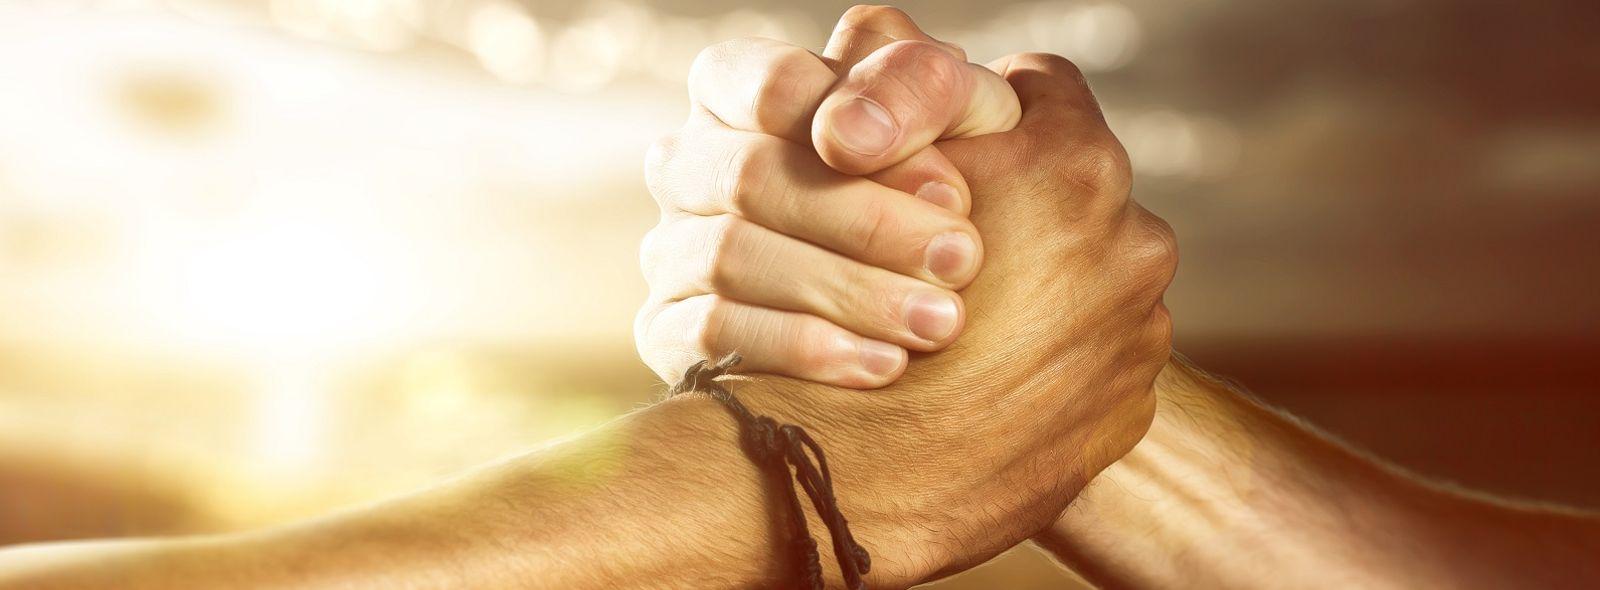 Aforismi sull'amicizia